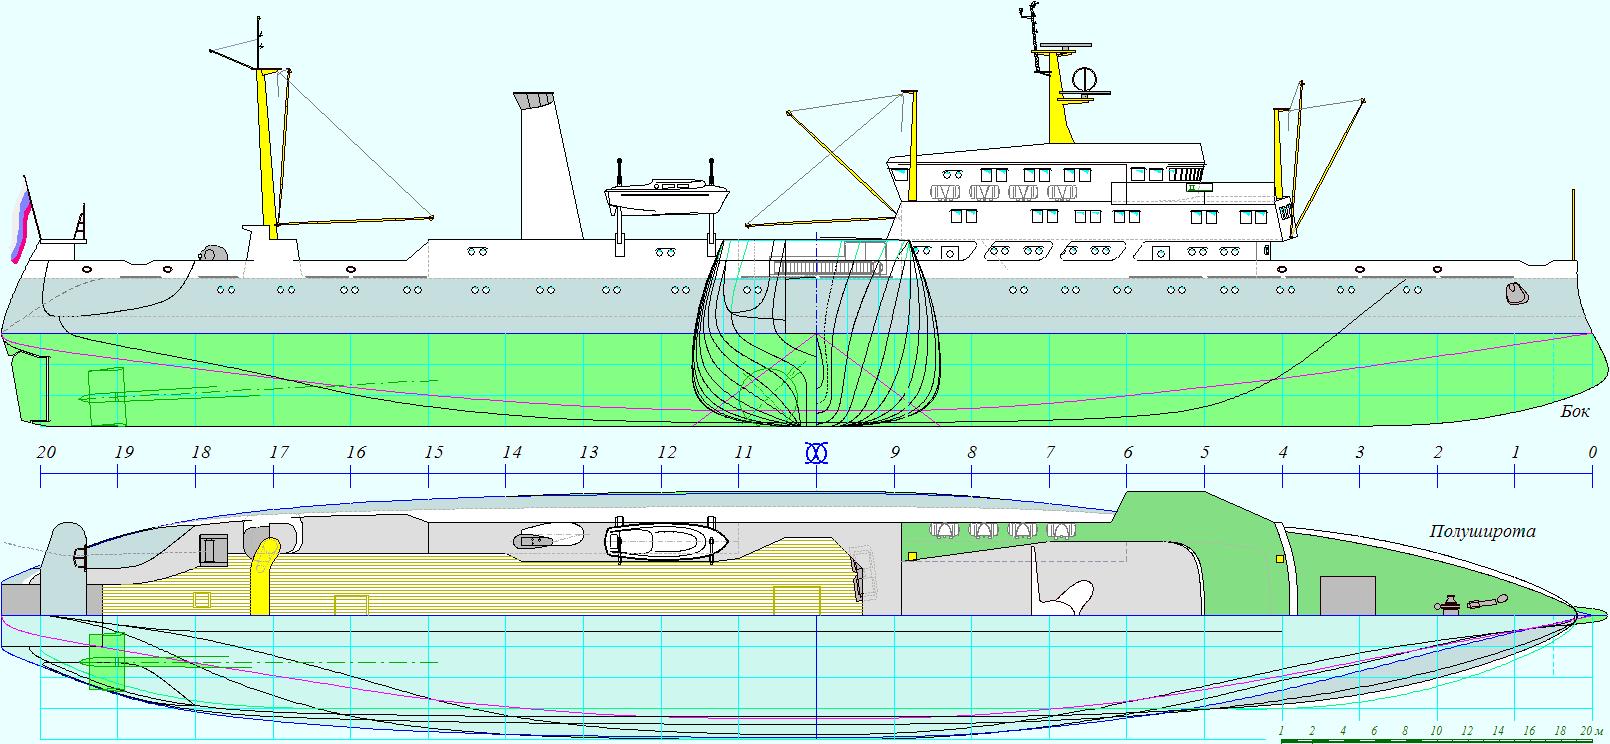 Промысловая схема судна